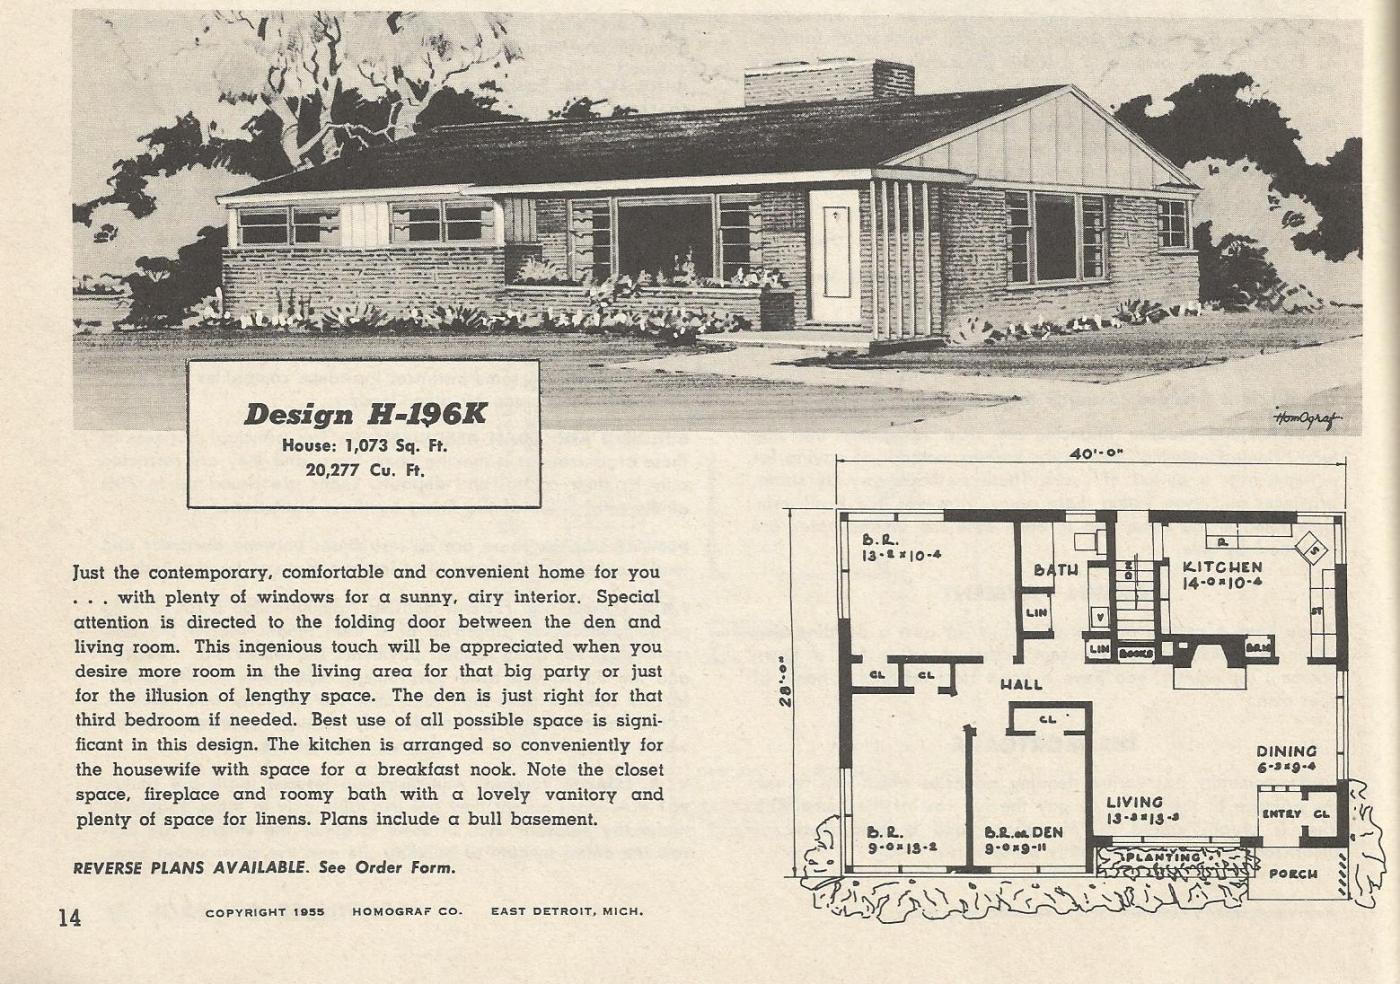 House Floorpans: 1950s-1960s - Architecture & Design